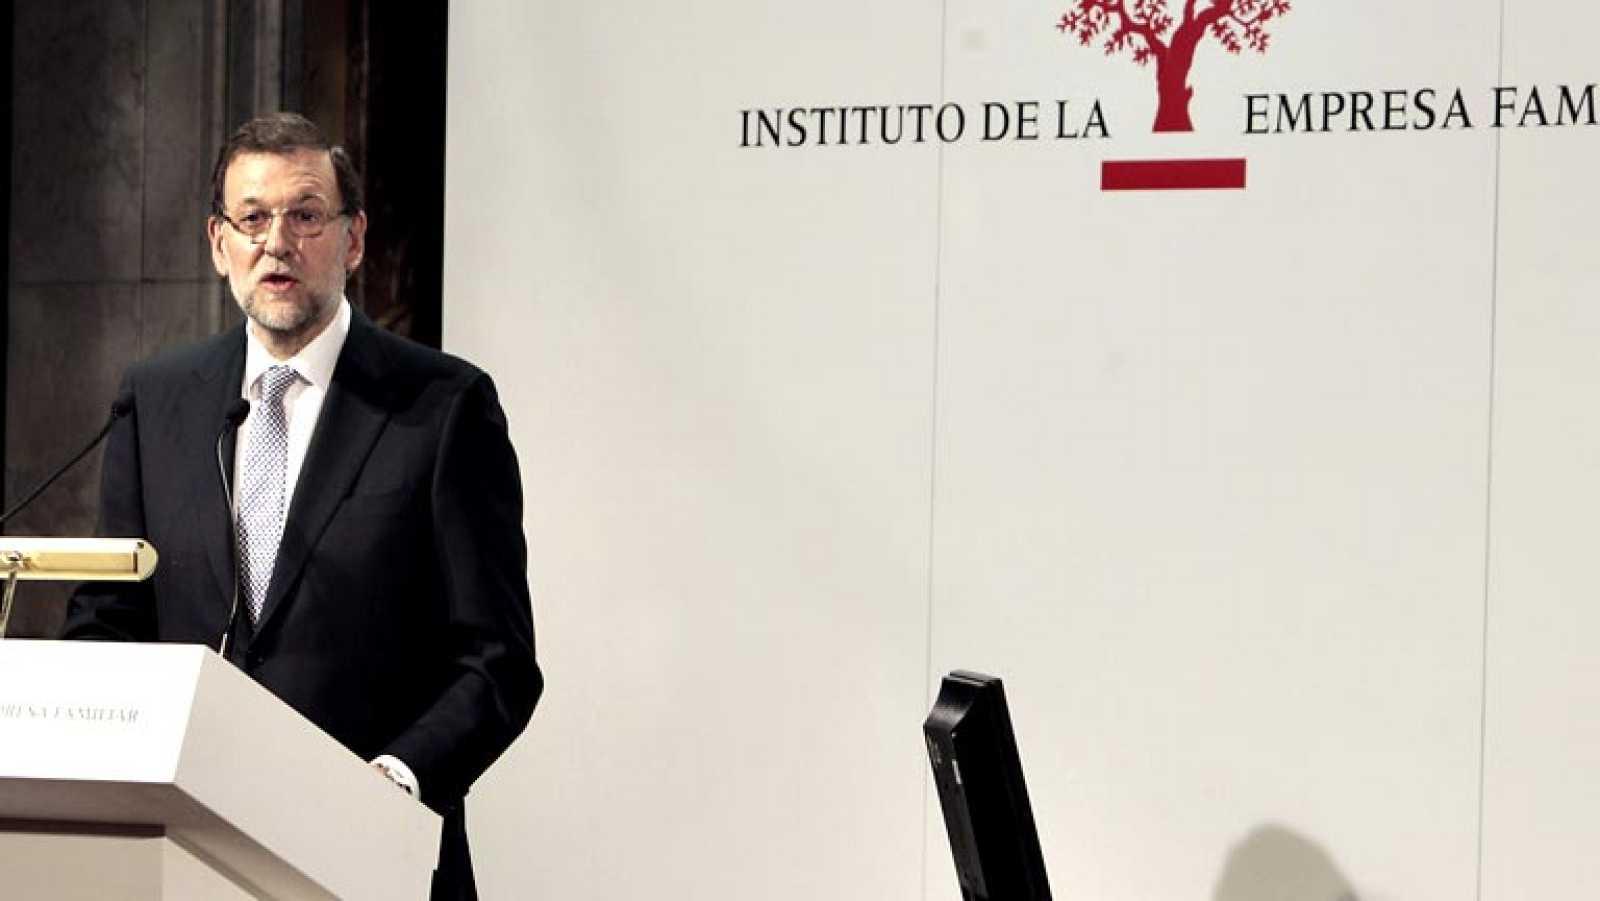 """Rajoy, sobre las reformas: """"Lo importante ahora es no perder el rumbo ni bajar la intensidad"""""""